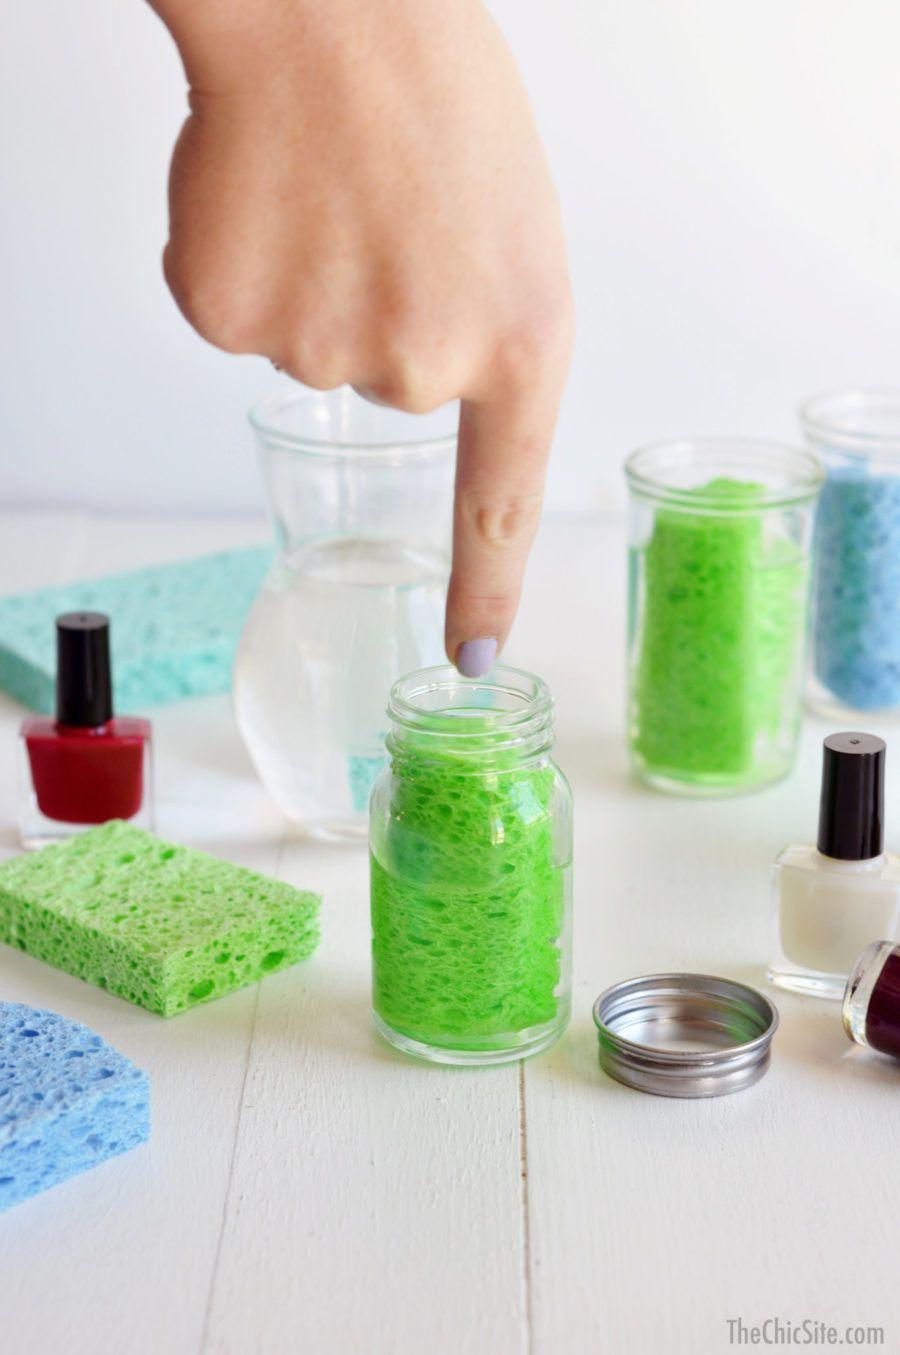 DIY Nail Polish Remover Diy nail polish remover, Diy